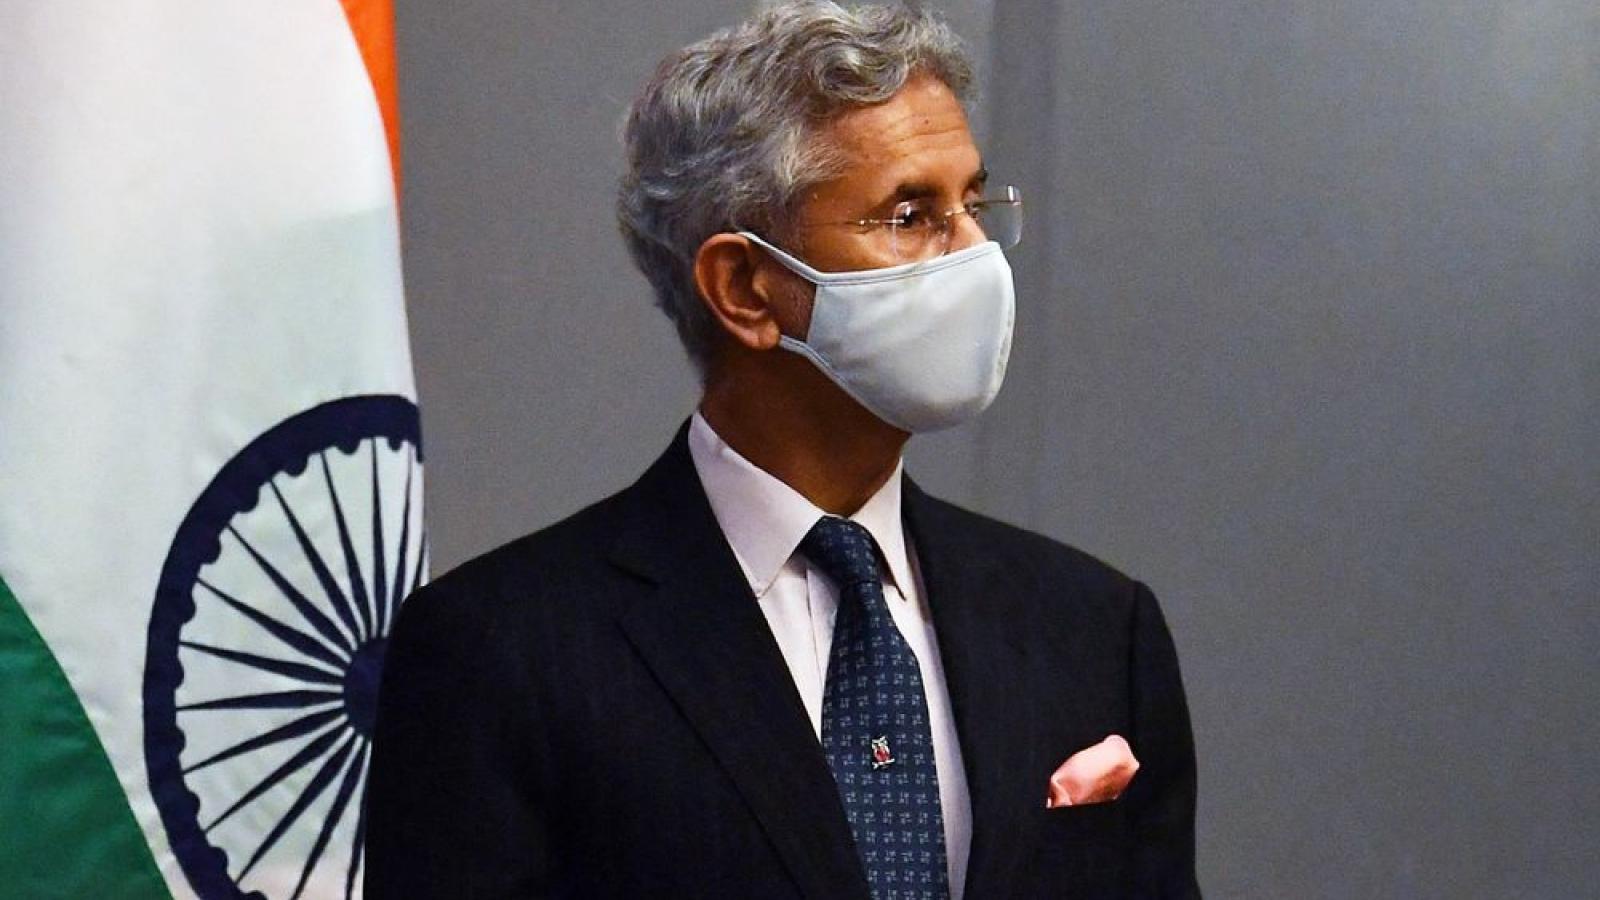 Phái đoàn Ấn Độ có 2 người mắc Covid-19, Hội nghị Ngoại trưởng G7 có nguy cơ phải hủy bỏ